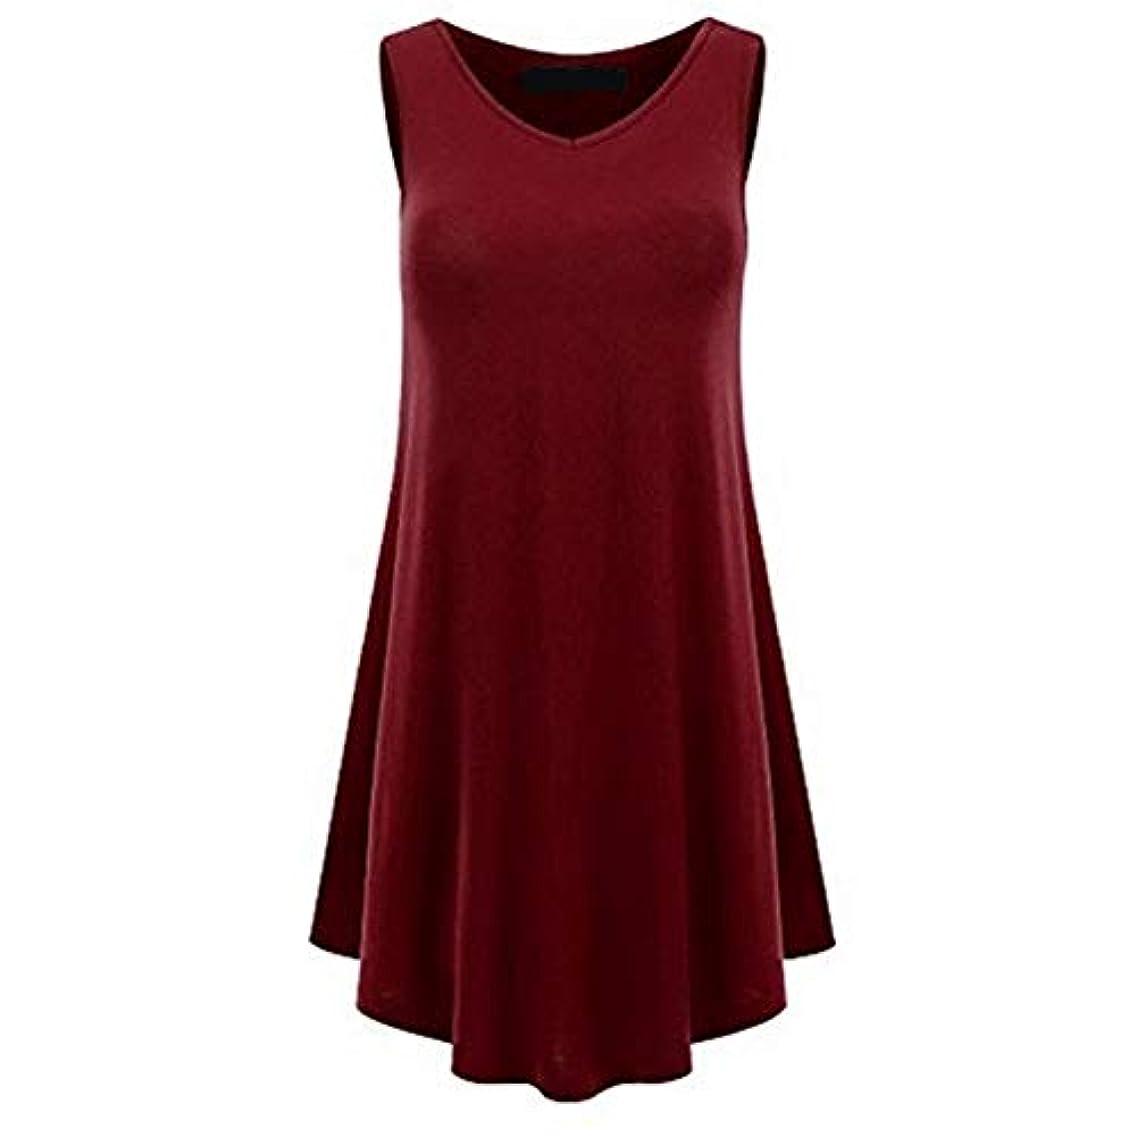 符号護衛またMIFAN の女性のドレスカジュアルな不規則なドレスルースサマービーチTシャツドレス